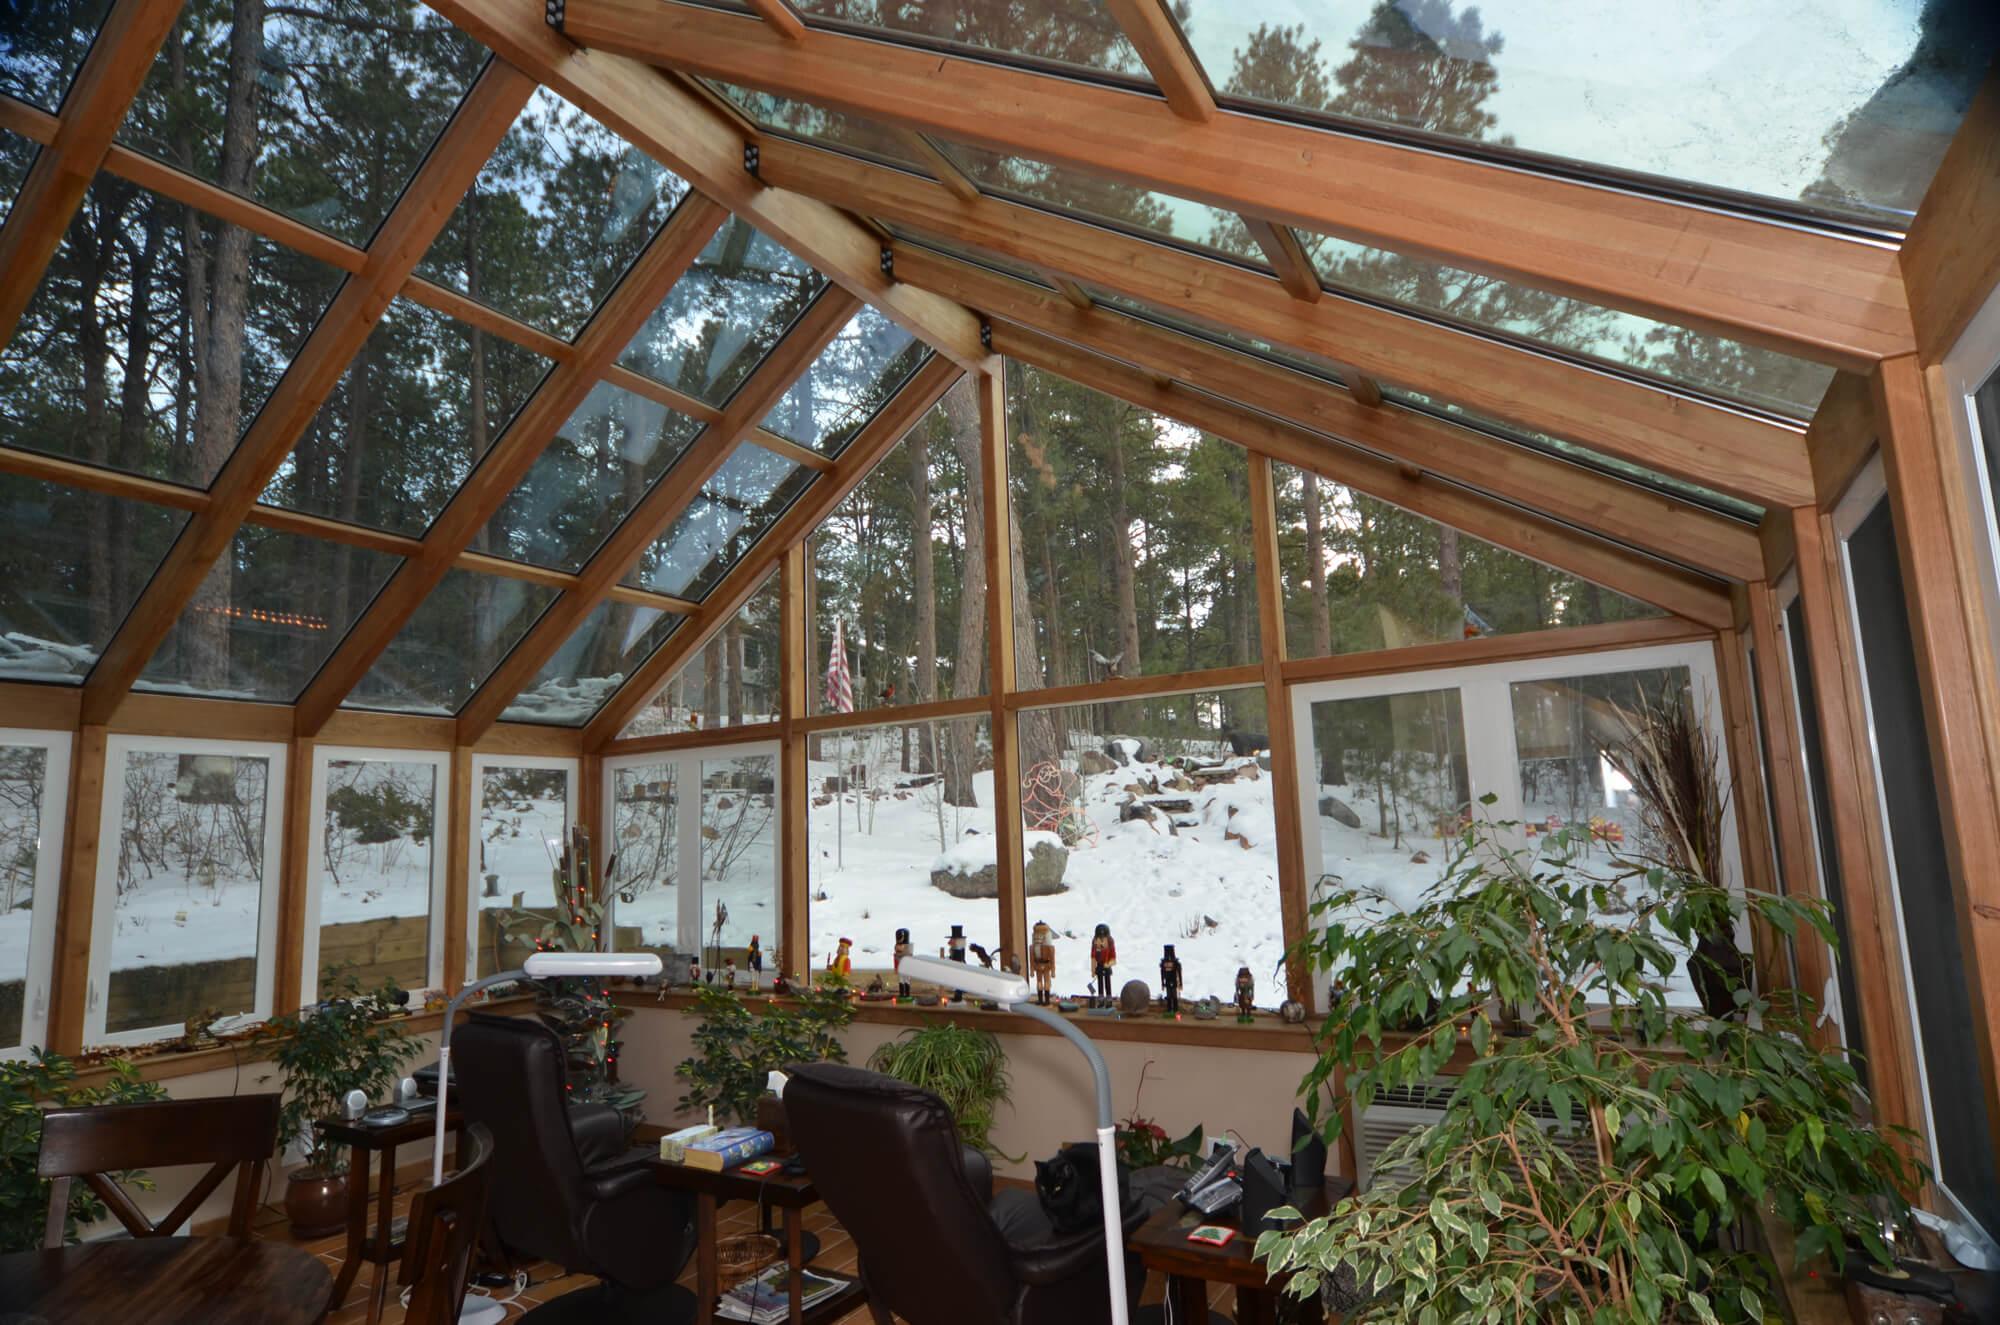 colorado_sunroom_and_window_distributors_wood_sunrooms.jpg